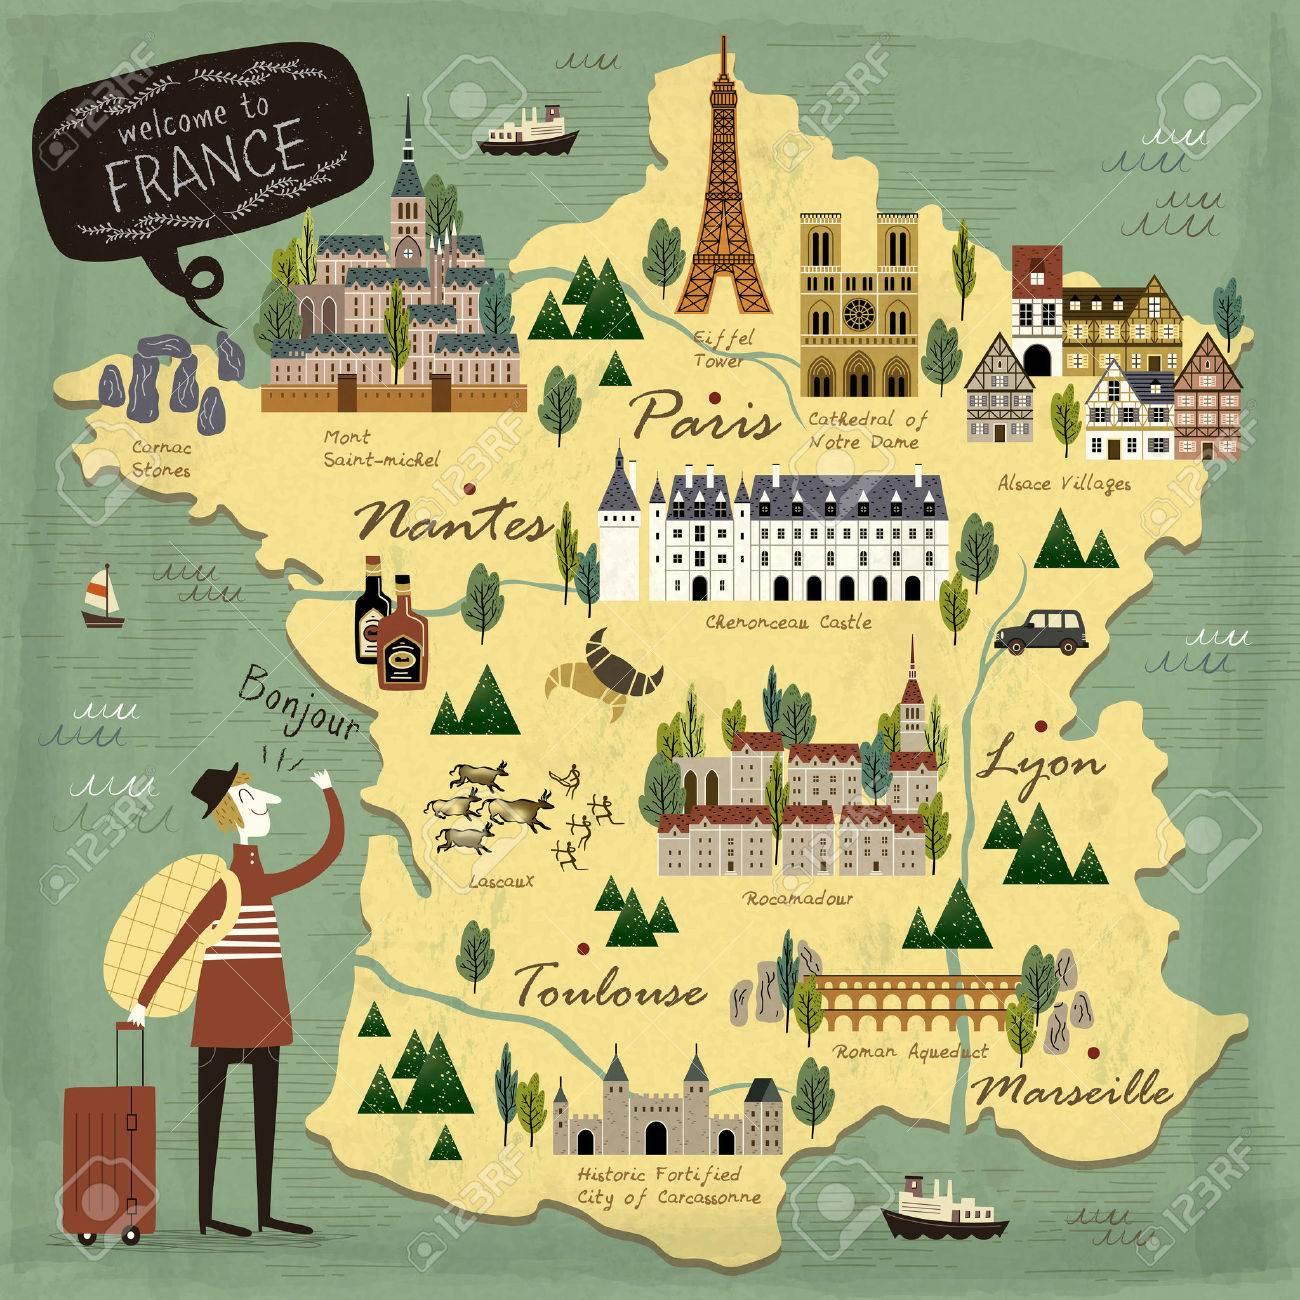 フランス旅行観光の概念イラスト マップ ロイヤリティフリークリップ